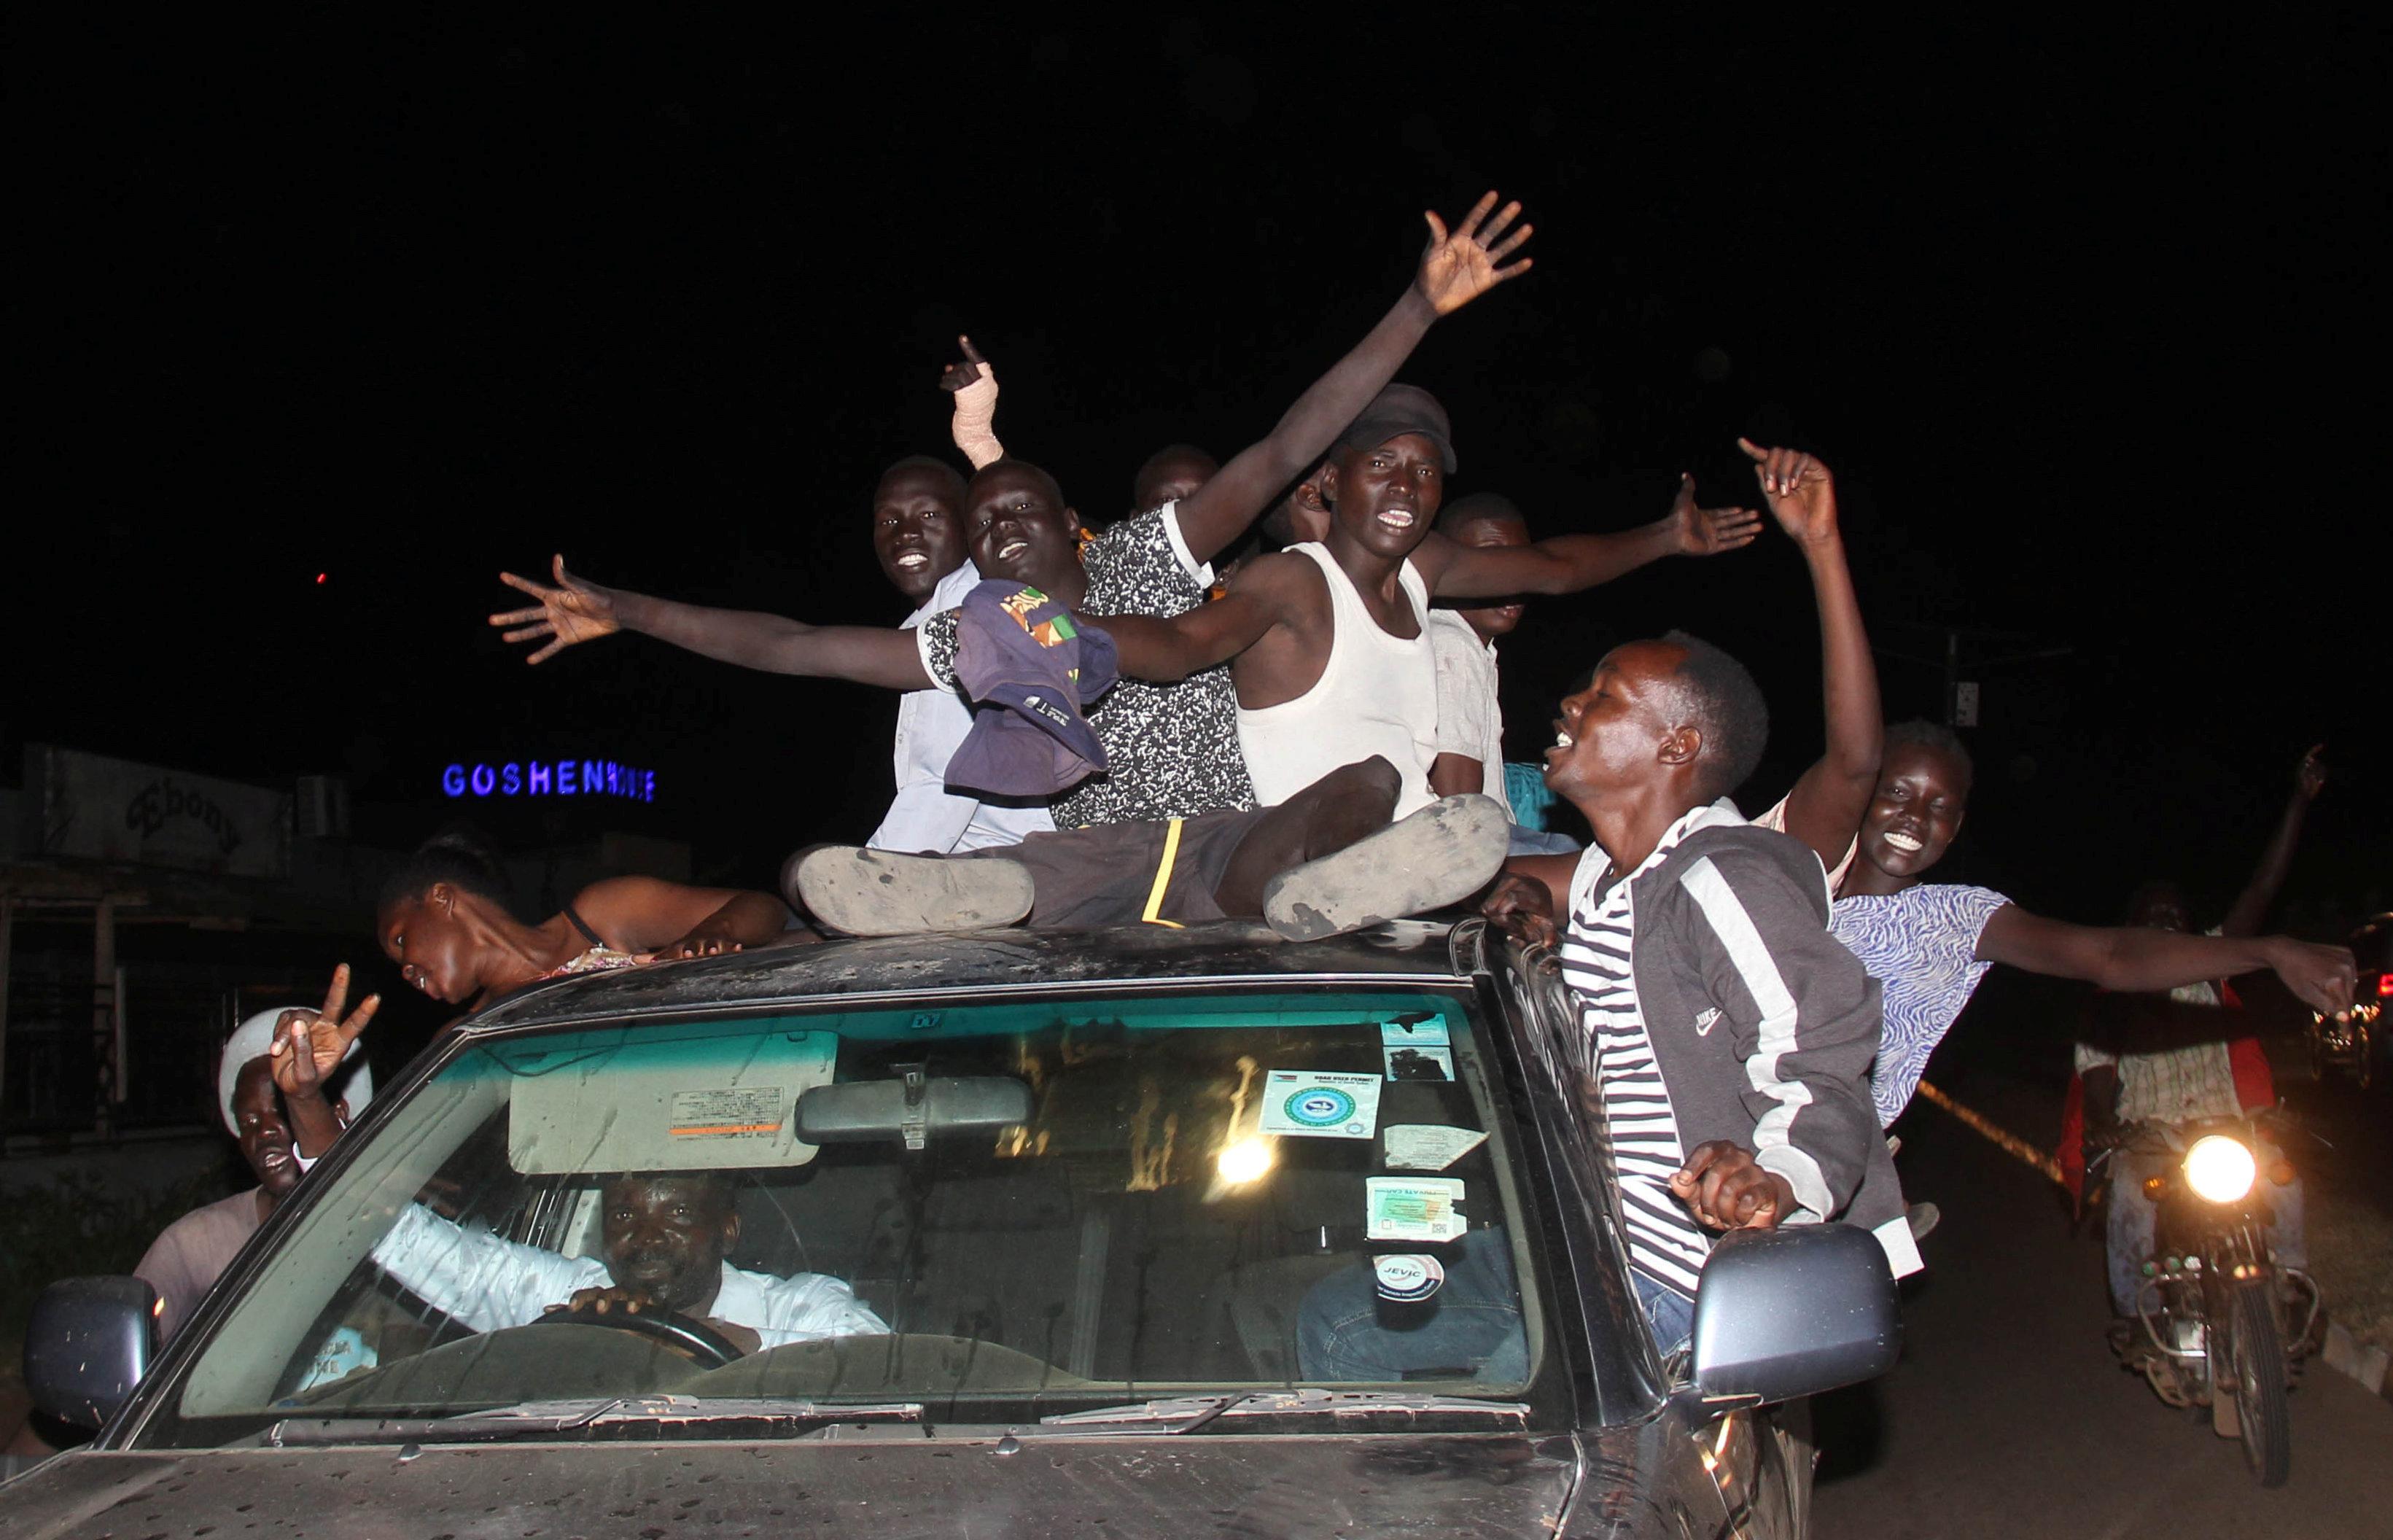 احتفالات بين مواطنى جنوب السودان  بعد توقيع اتفاق السلام